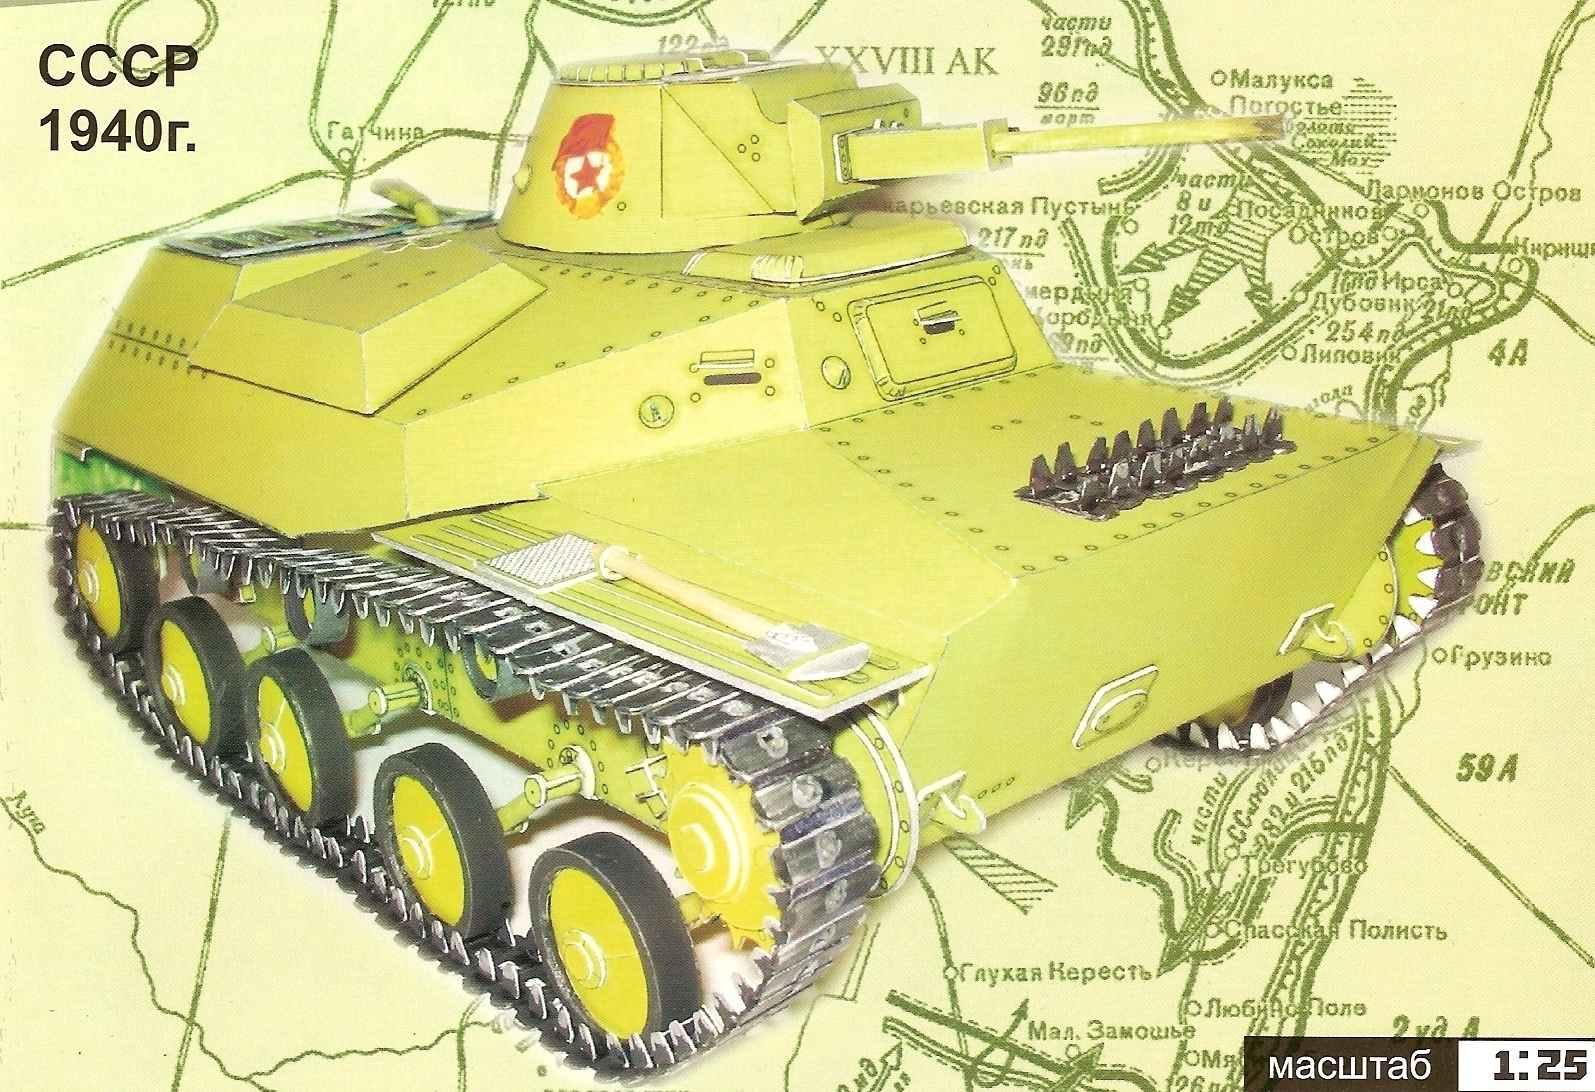 SOVIET LIGHT TANK T-30